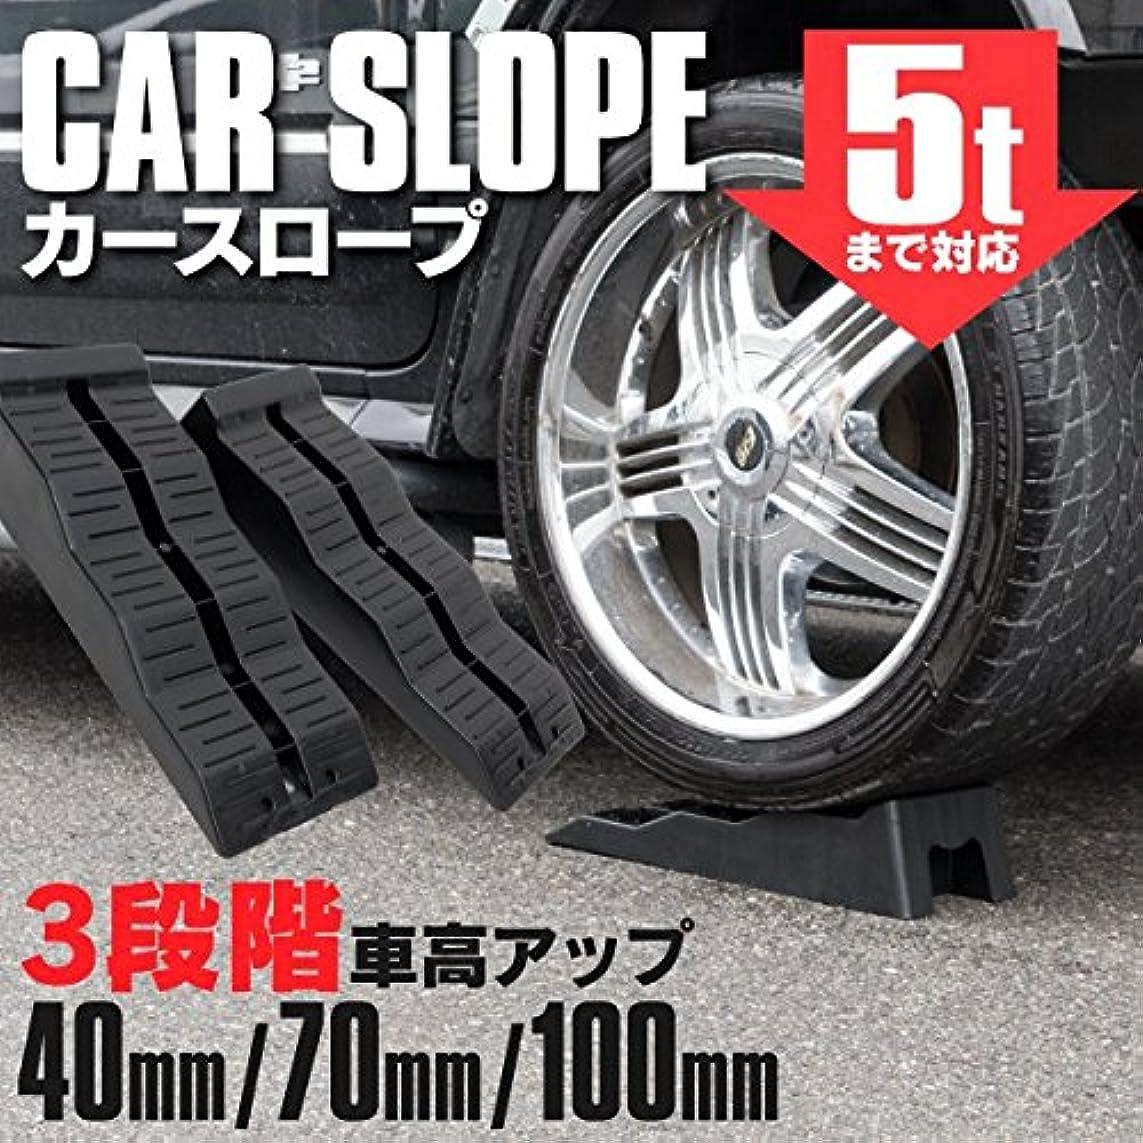 巨大絶壁定義するカースロープ SL-0001 黒 ワールドウィング<br>【取寄せ品】ご注文後のキャンセル不可